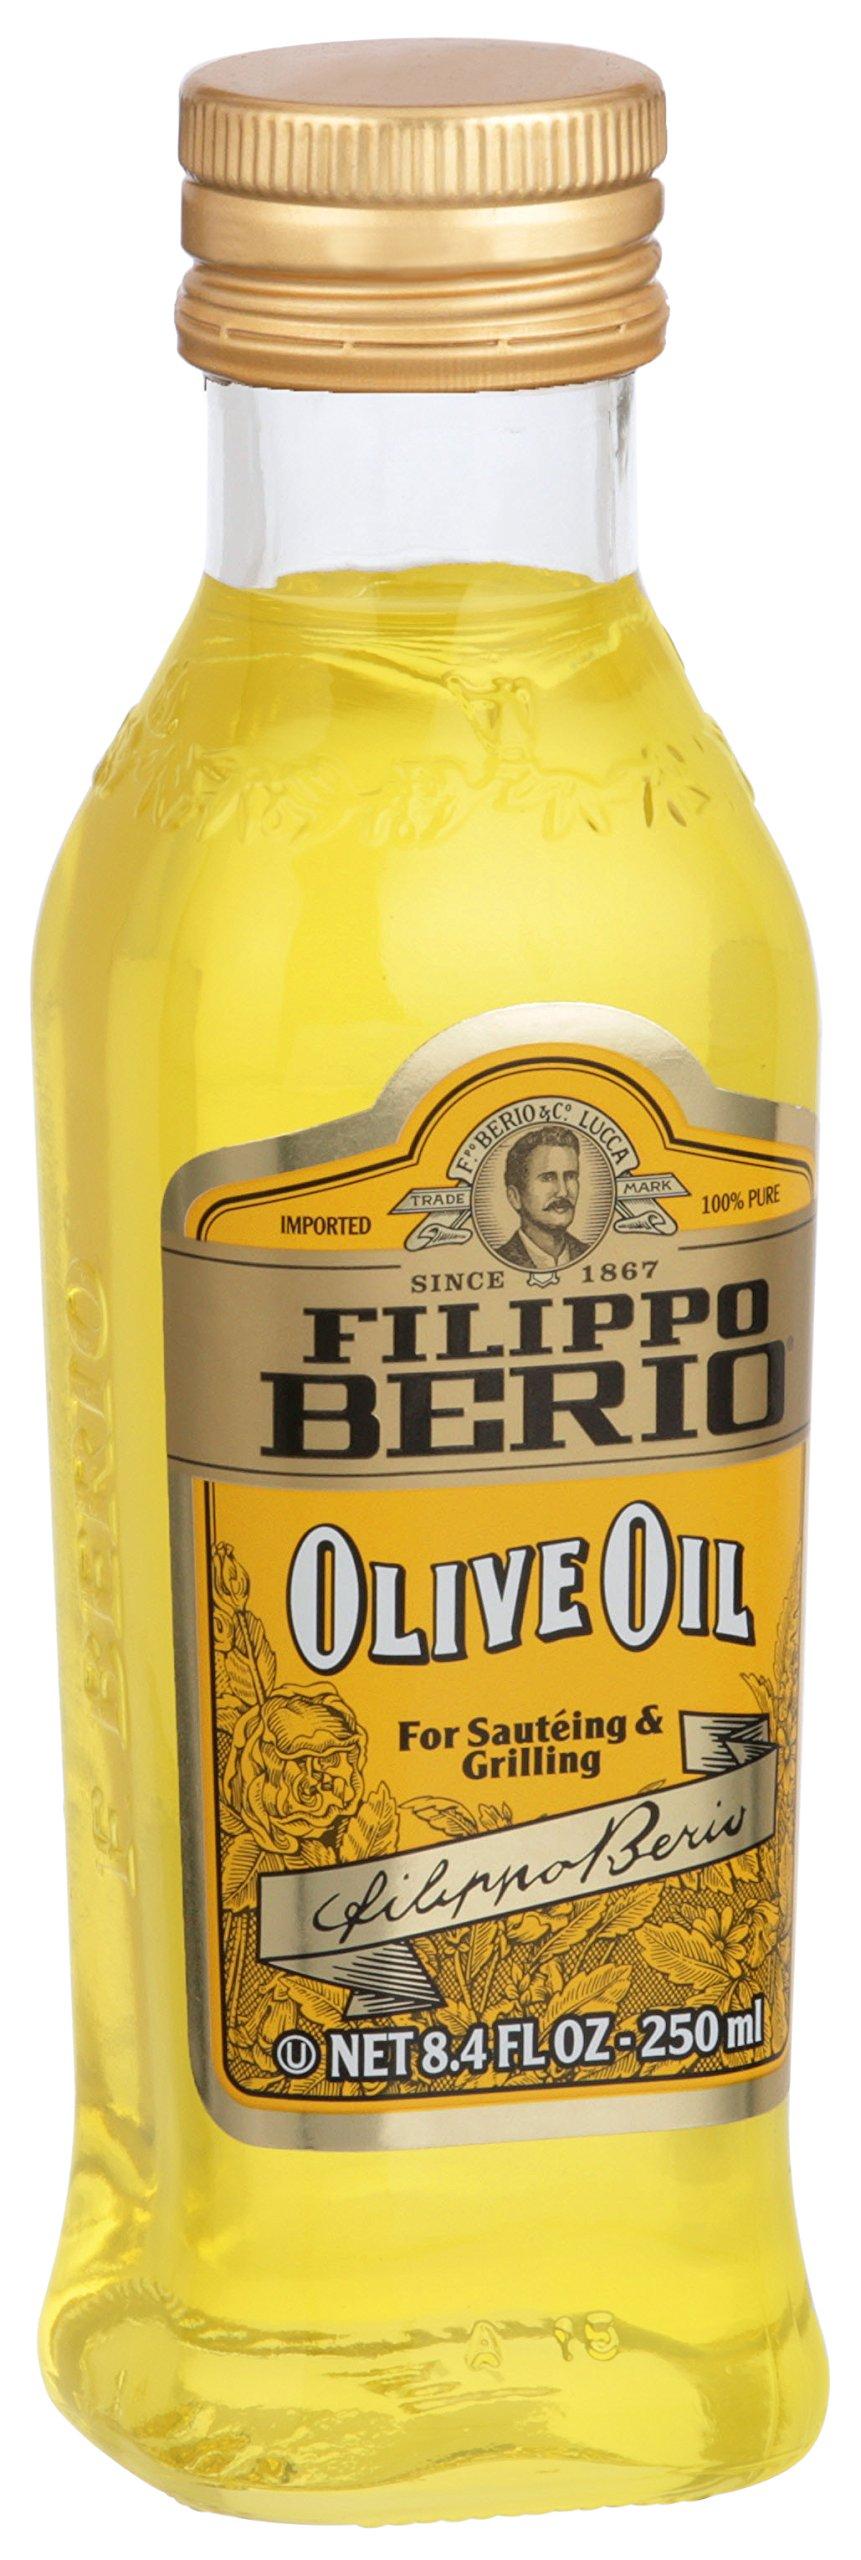 Filippo Berio Olive Oil, 8.4 Ounce by Filippo Berio (Image #4)